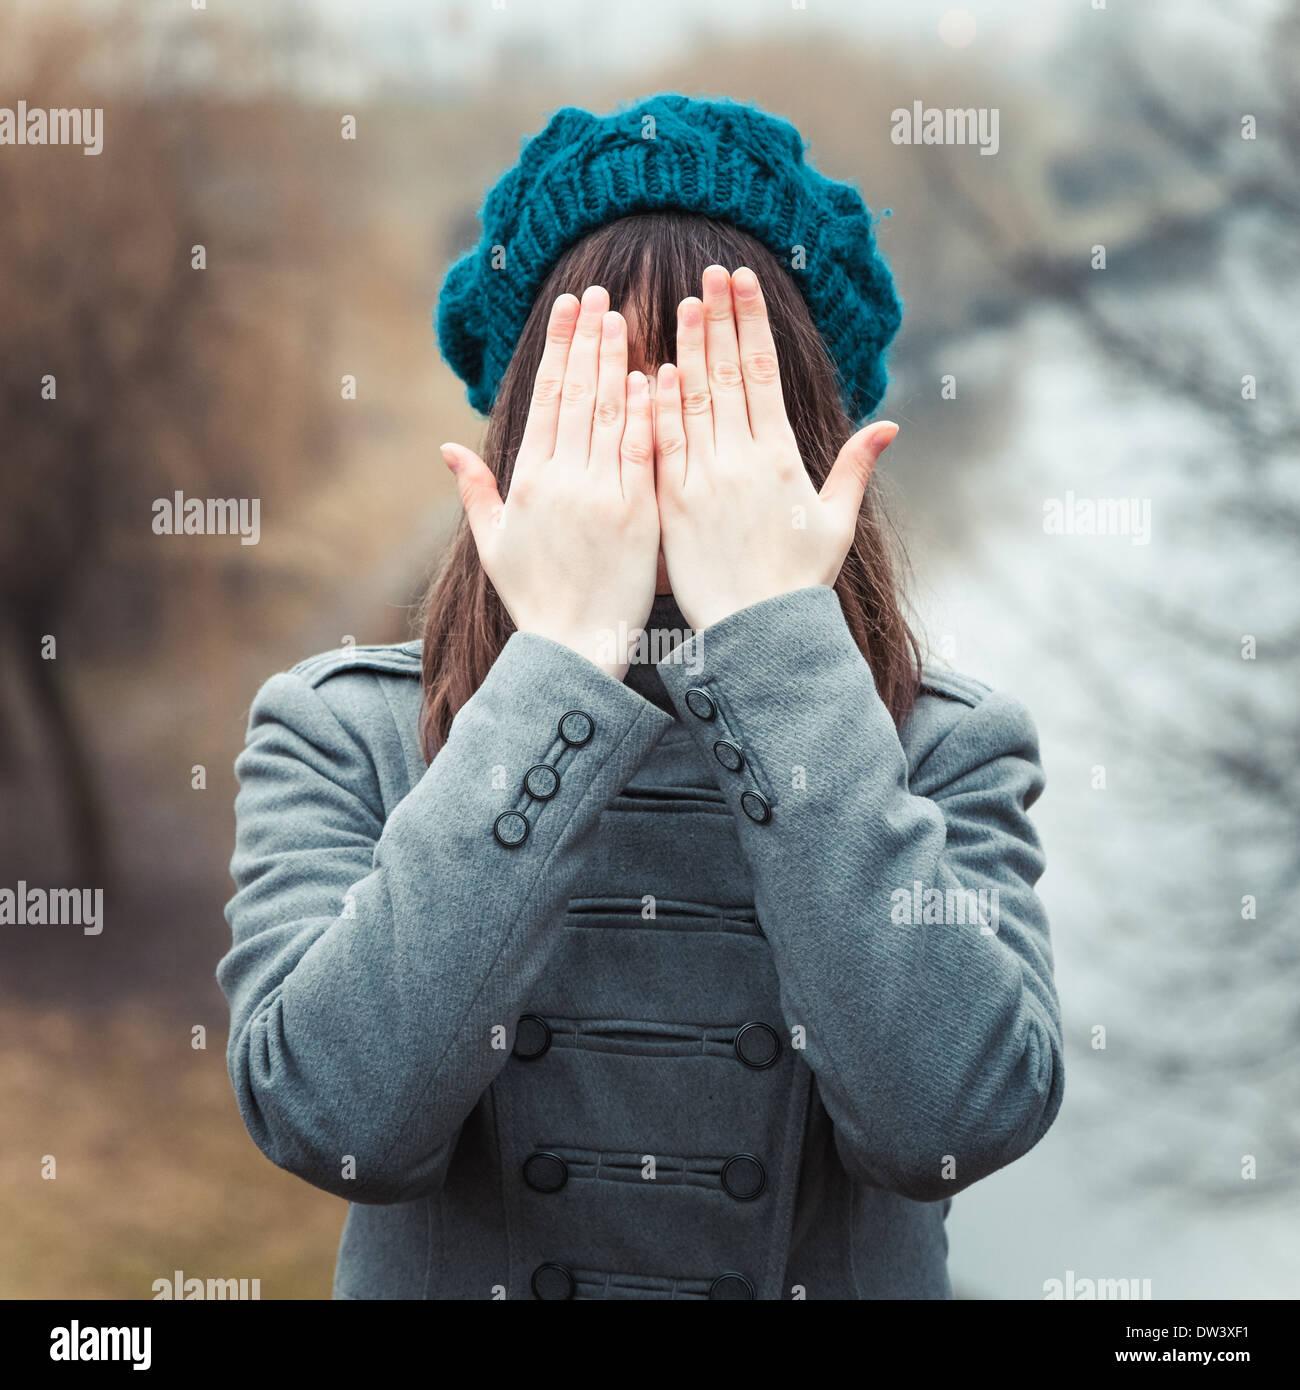 Jeune jolie fille avec les mains sur les yeux à l'extérieur Photo Stock